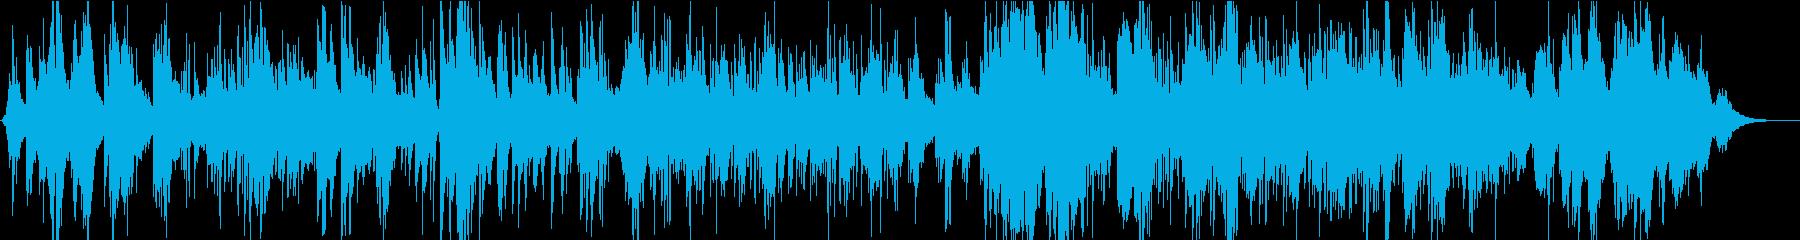 Ethereal、ルバト、ジャズト...の再生済みの波形